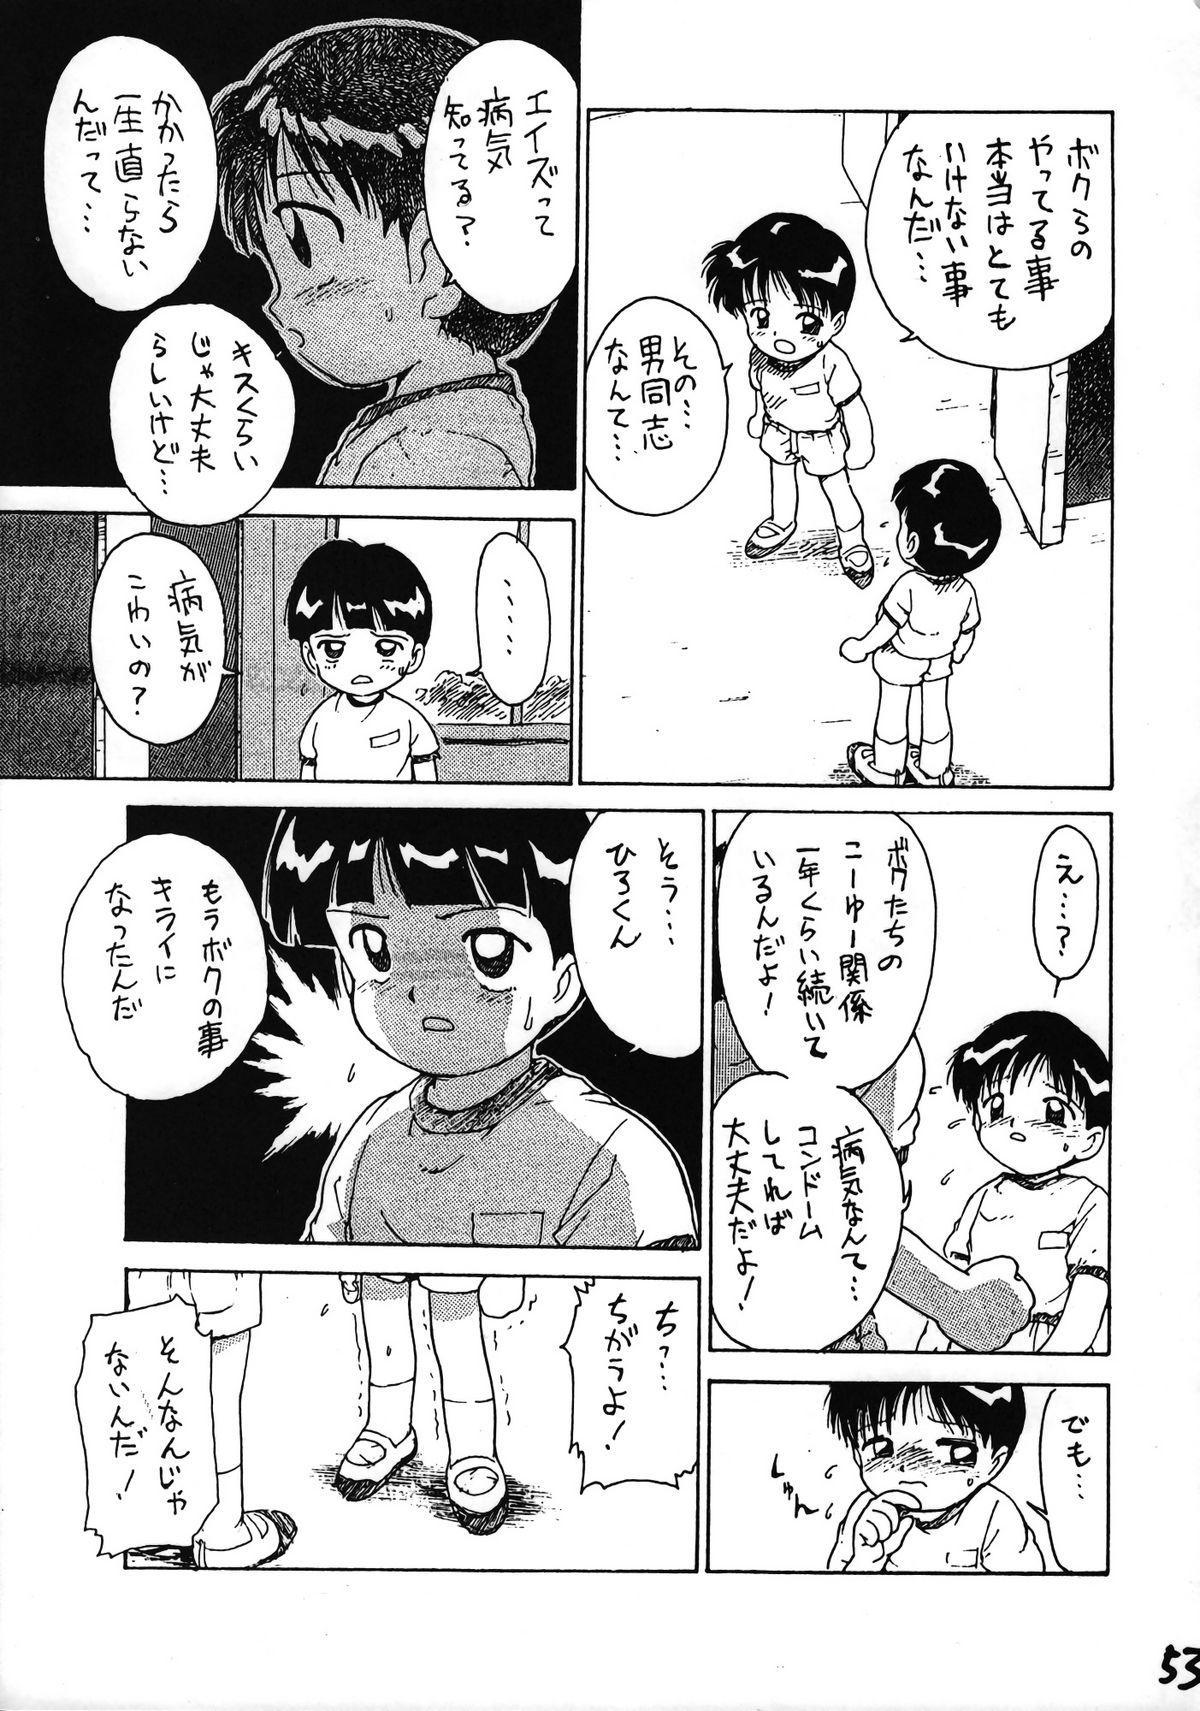 Ikenai! Otokonoko Hon Boy's H Book 2 53